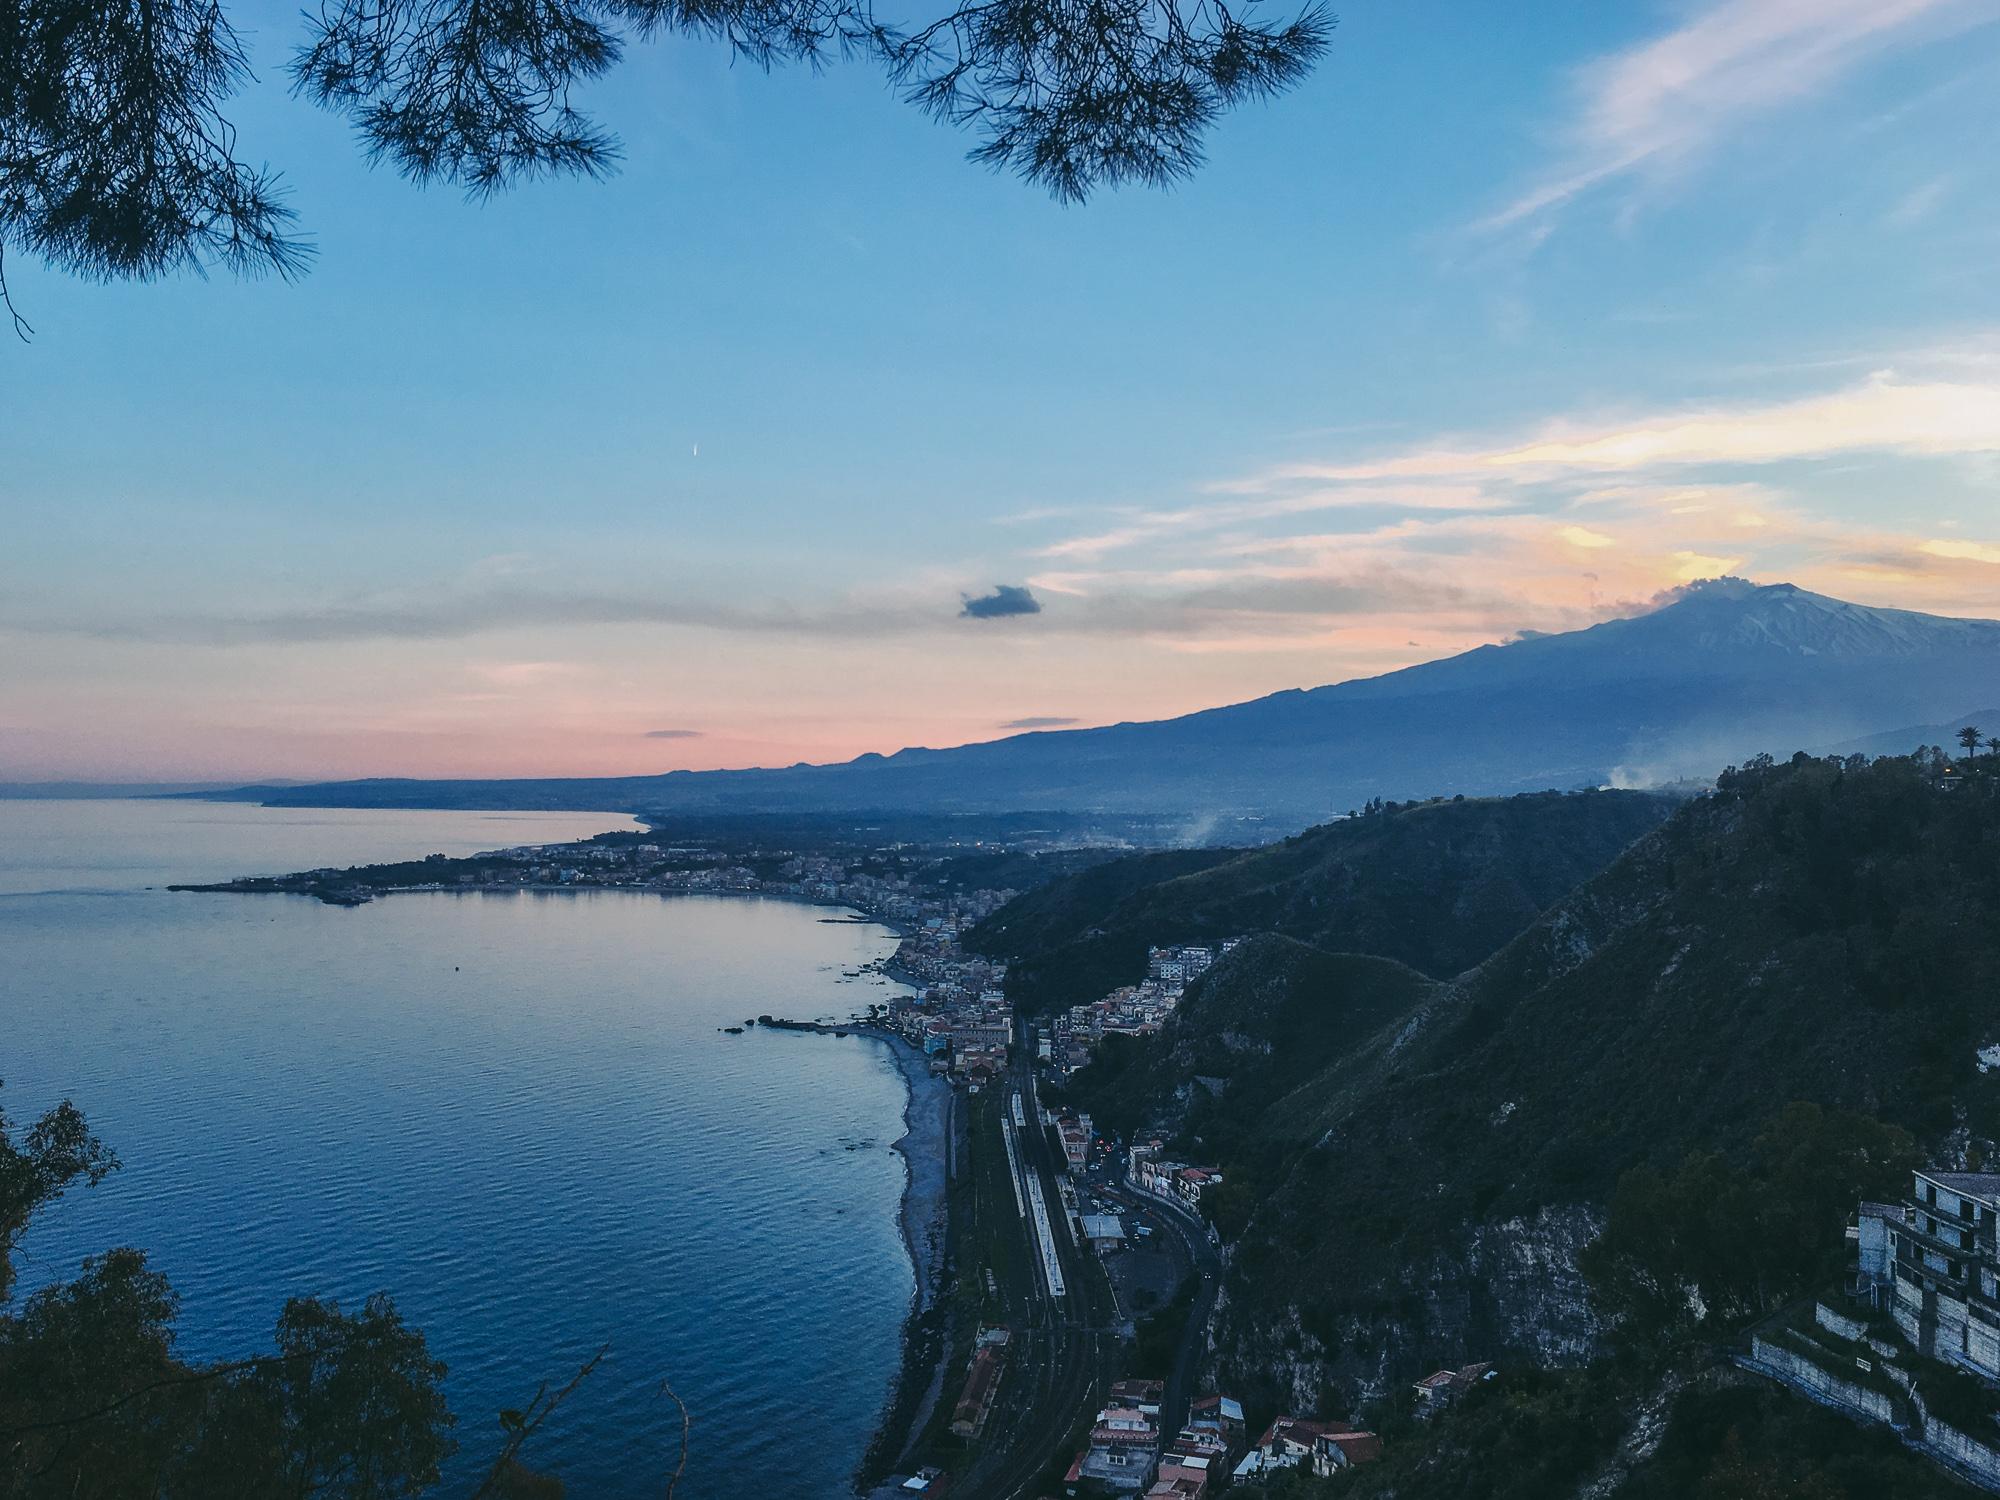 L'Etna al tramonto | photo: Stefano Mirabile